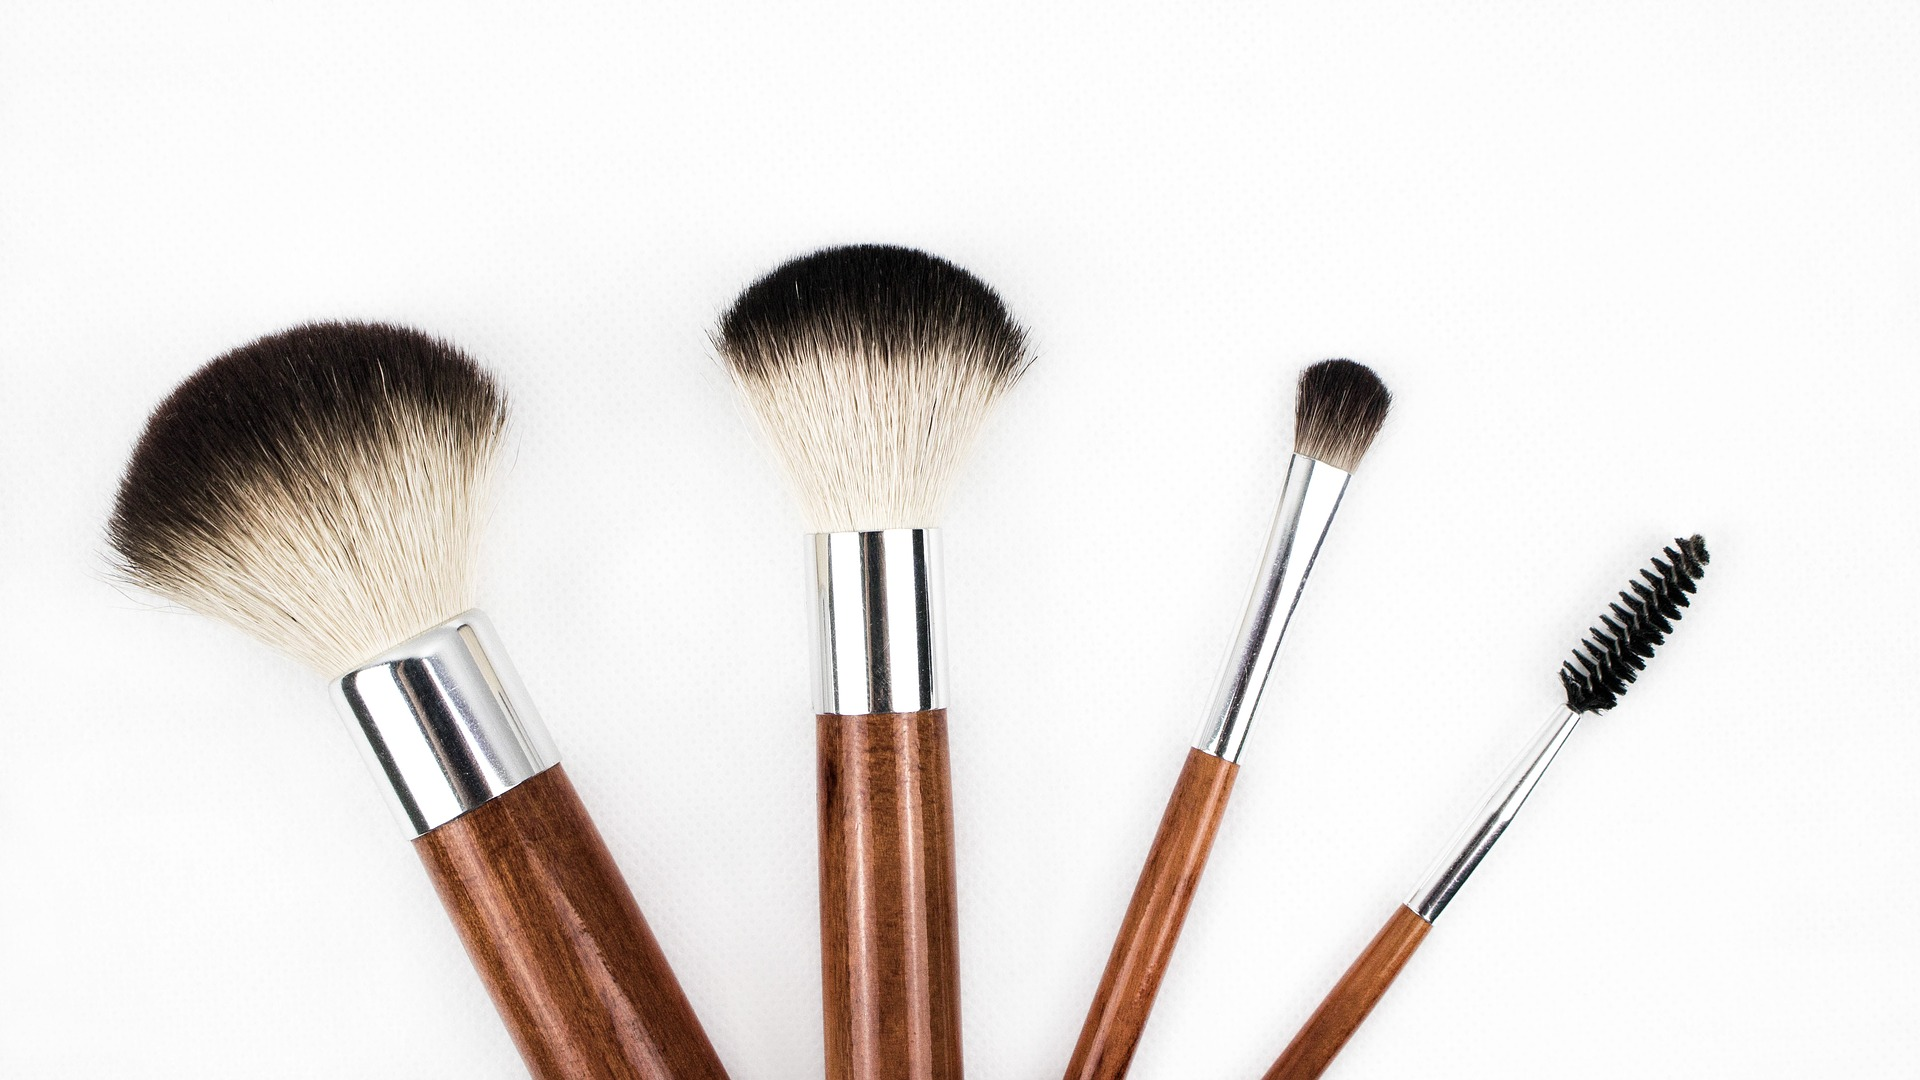 Vegan Makeup Brushes: A Choice To Consider